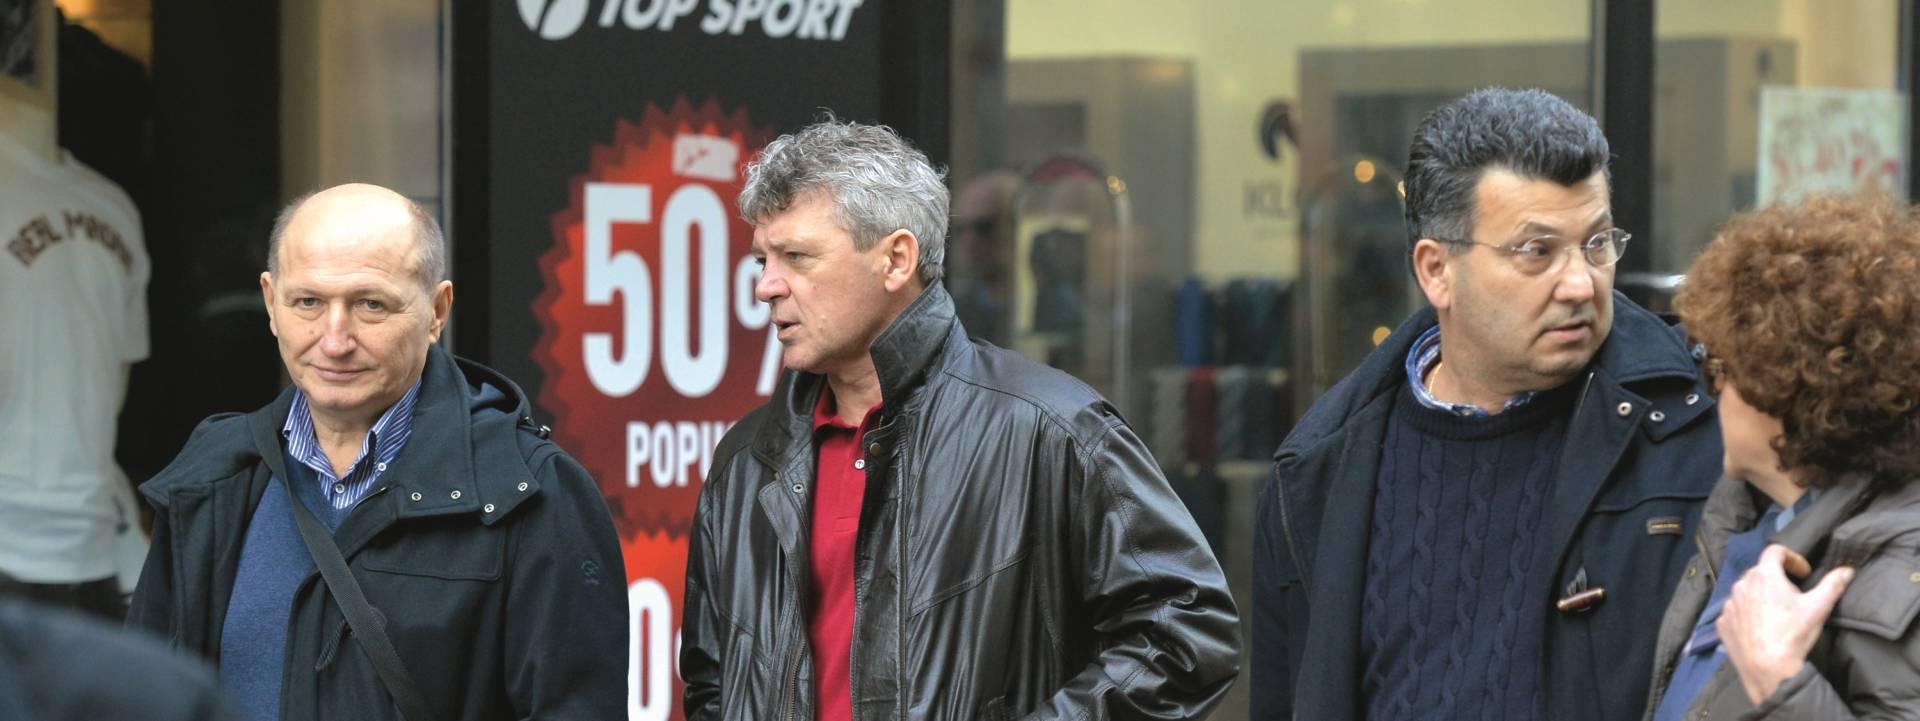 SUDAC USTAVNOG SUDA Miroslav Šeparović u sukobu interesa zbog Obiteljskog zakona